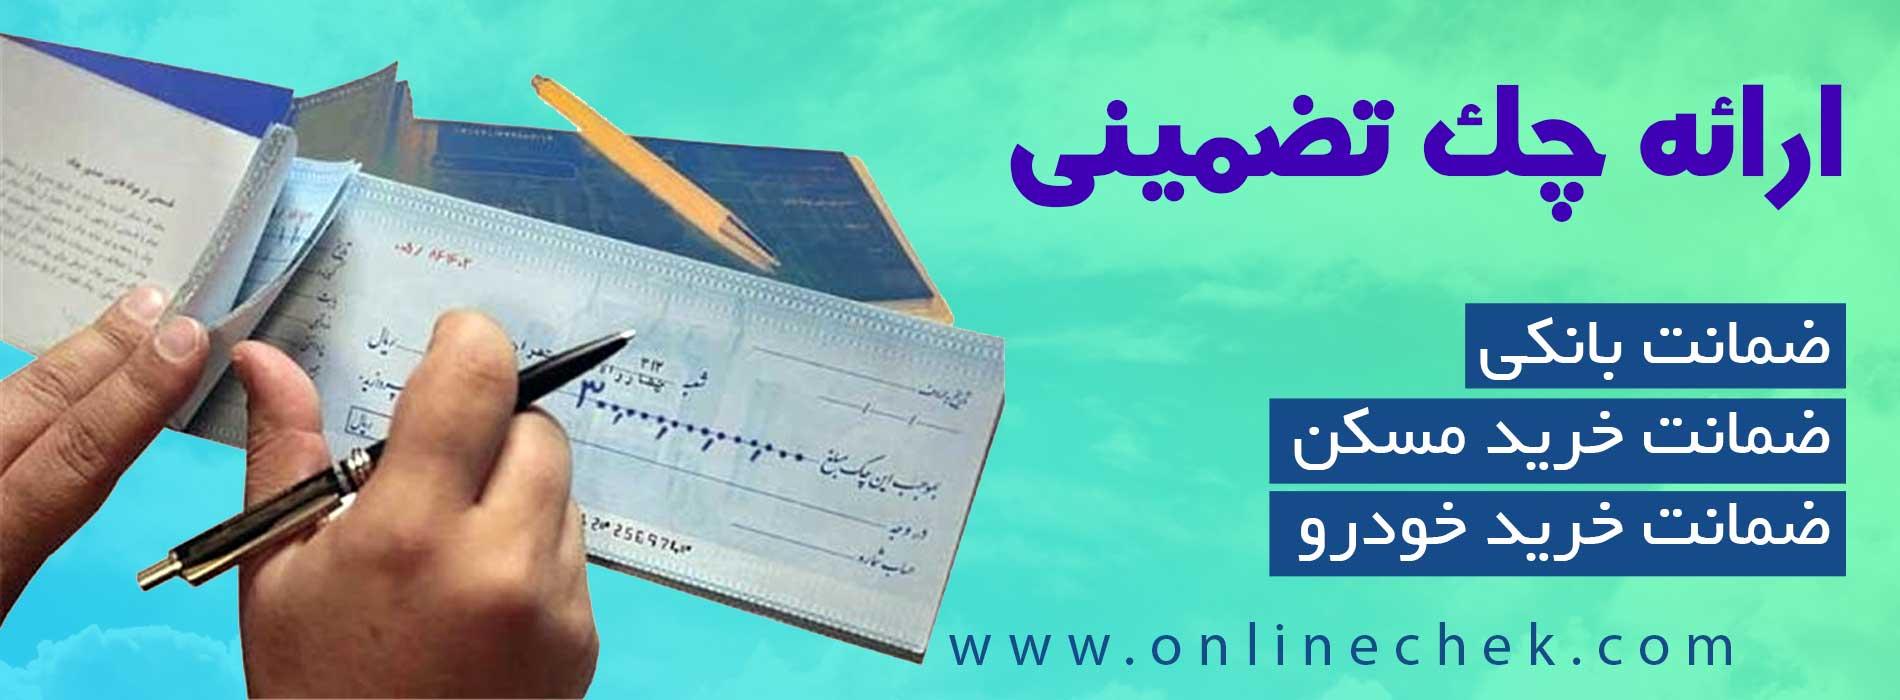 ارائه چک تضمینی